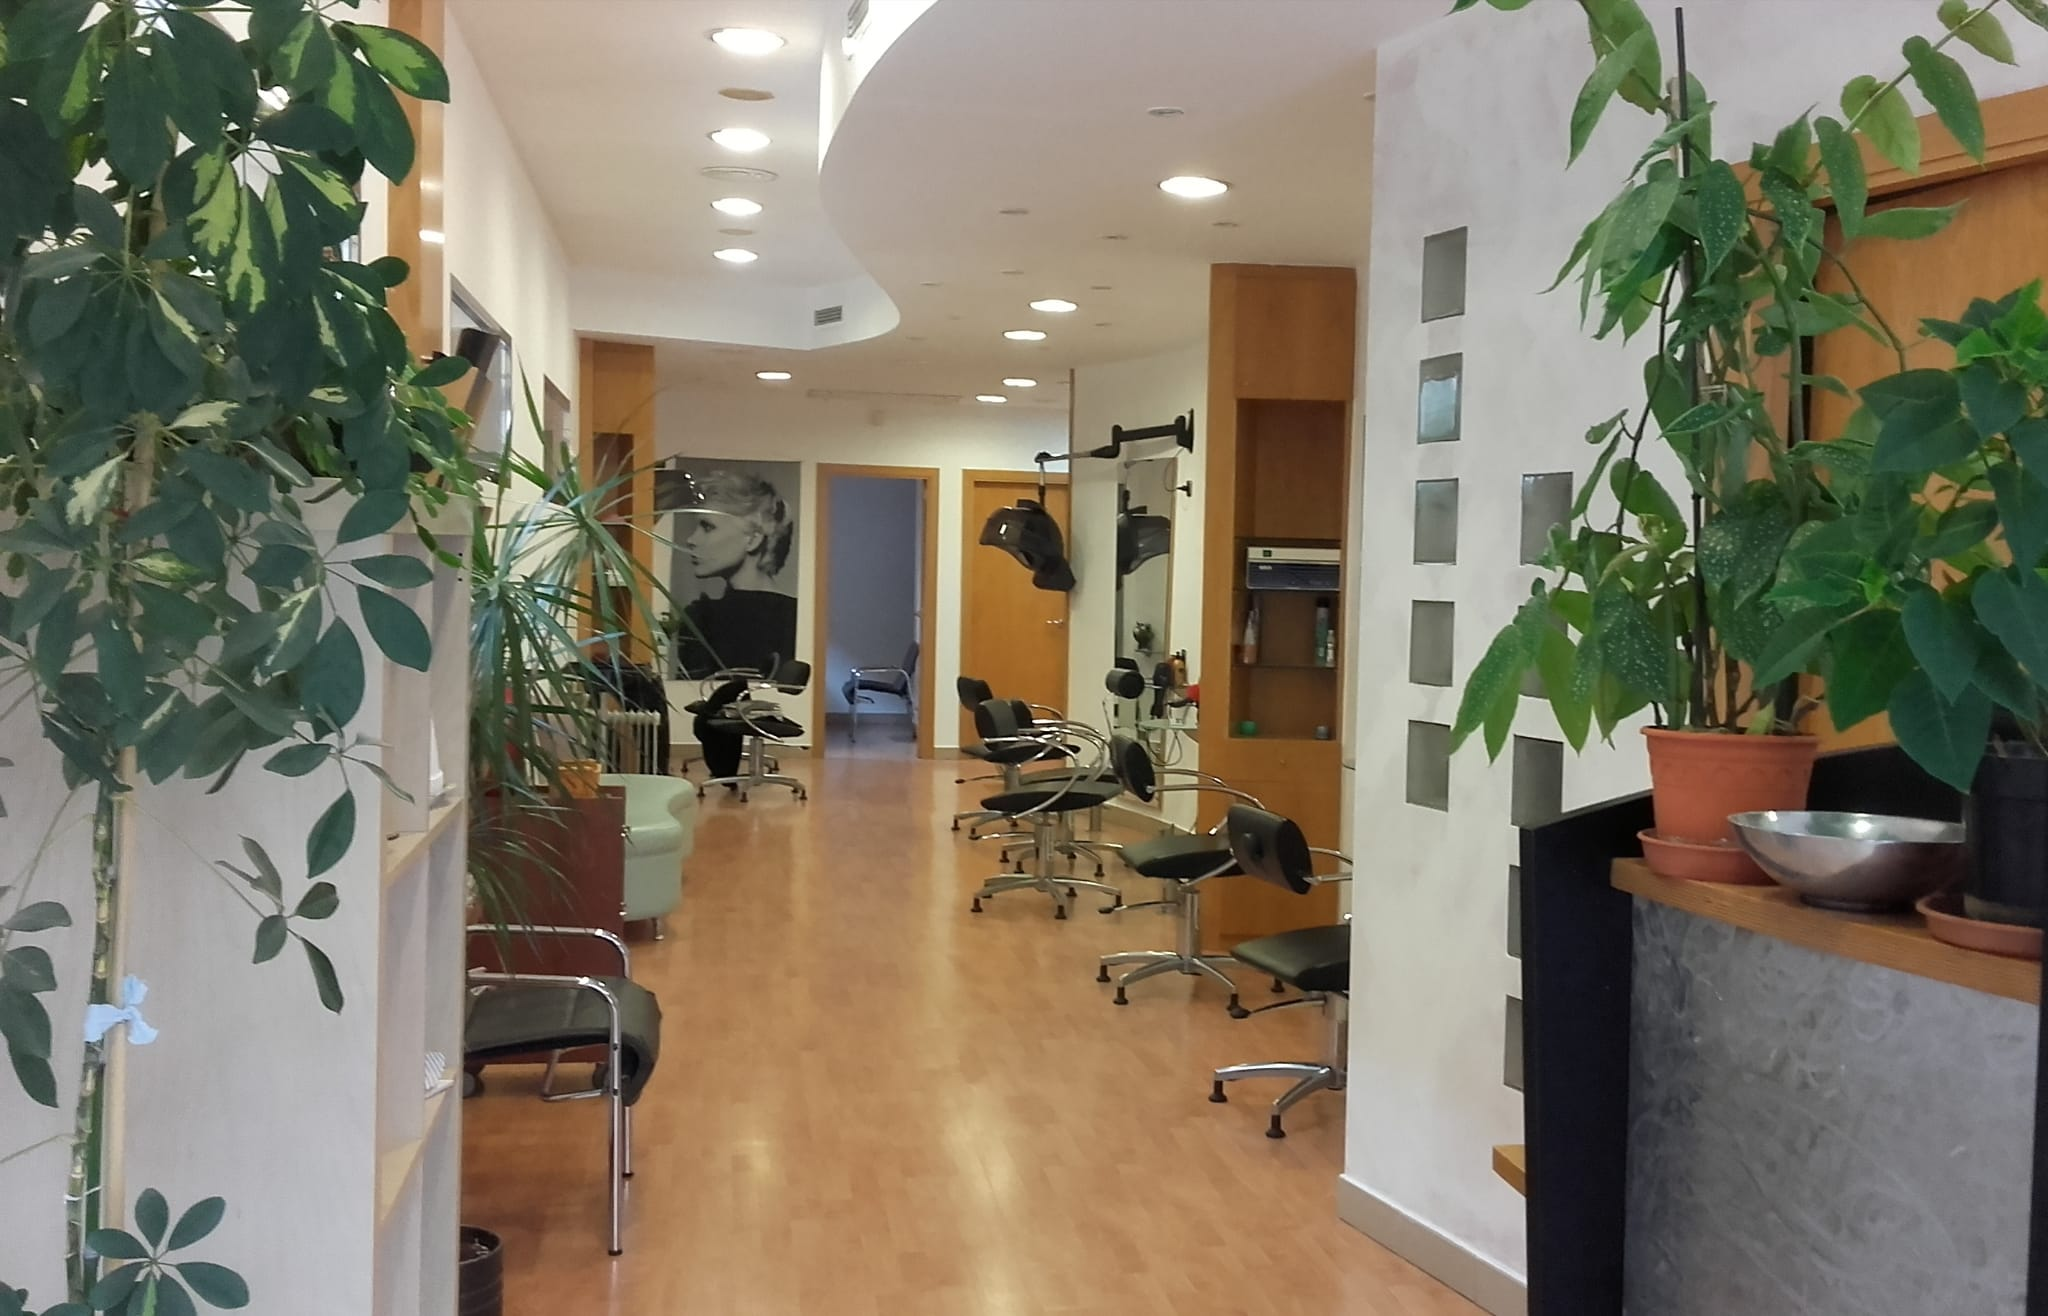 Vente Salon de coiffure proche du centre-ville de Figueras